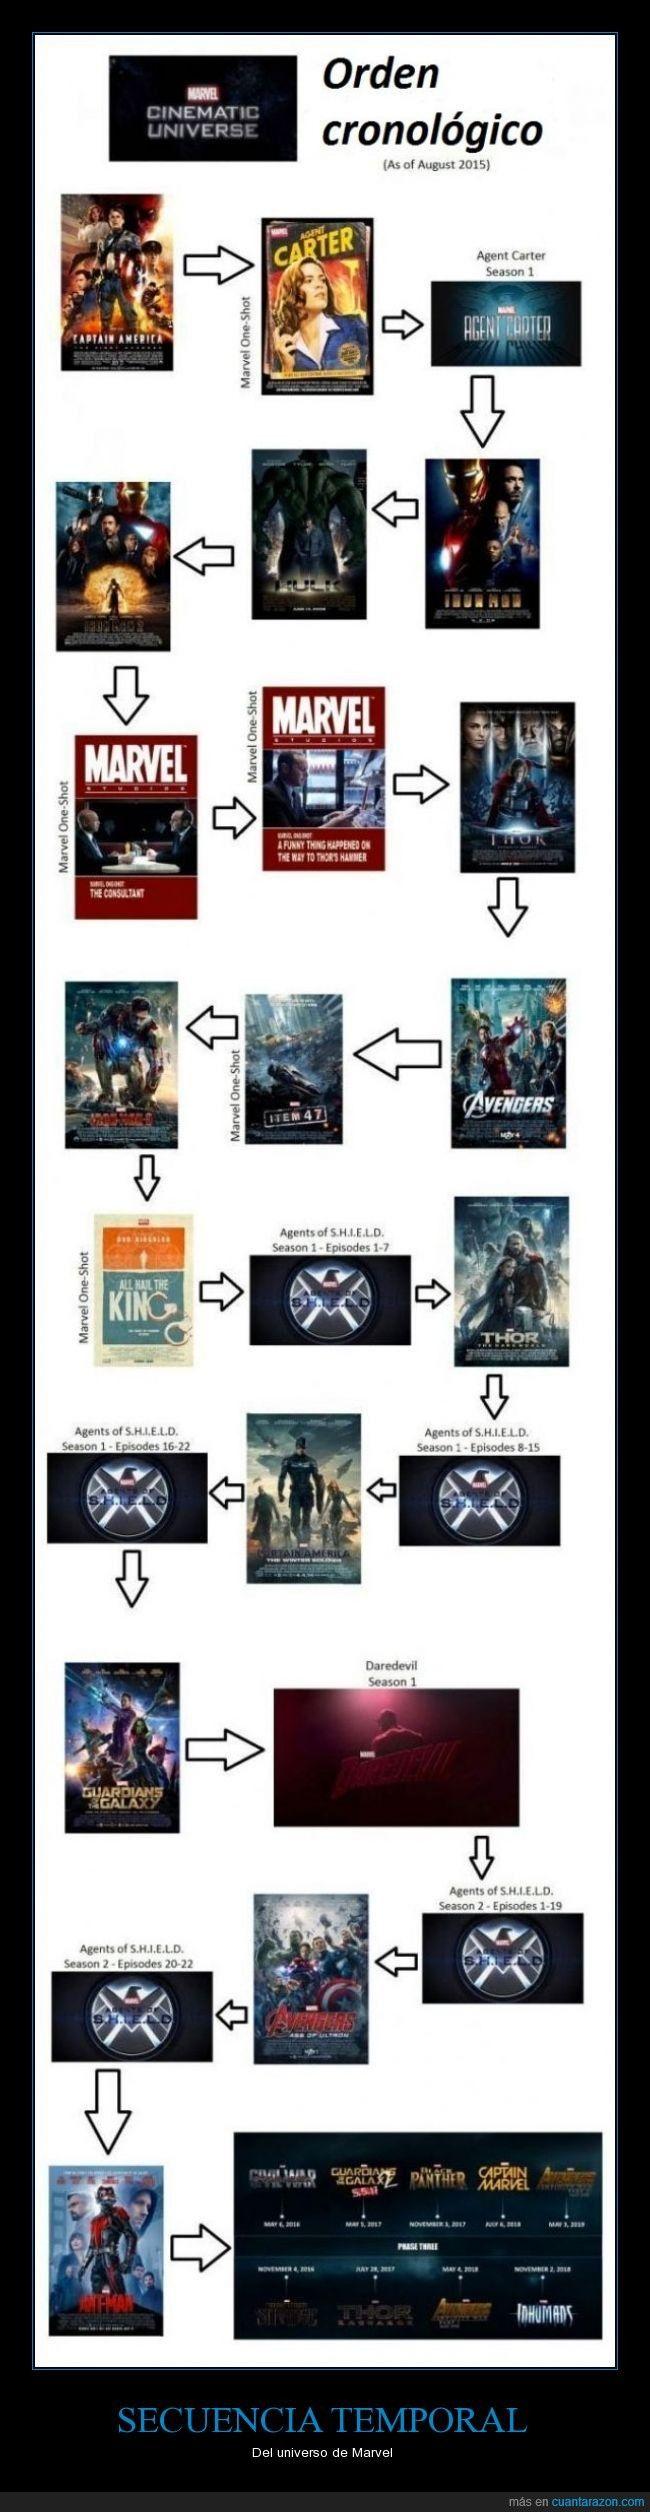 Orden del universo de Marvel